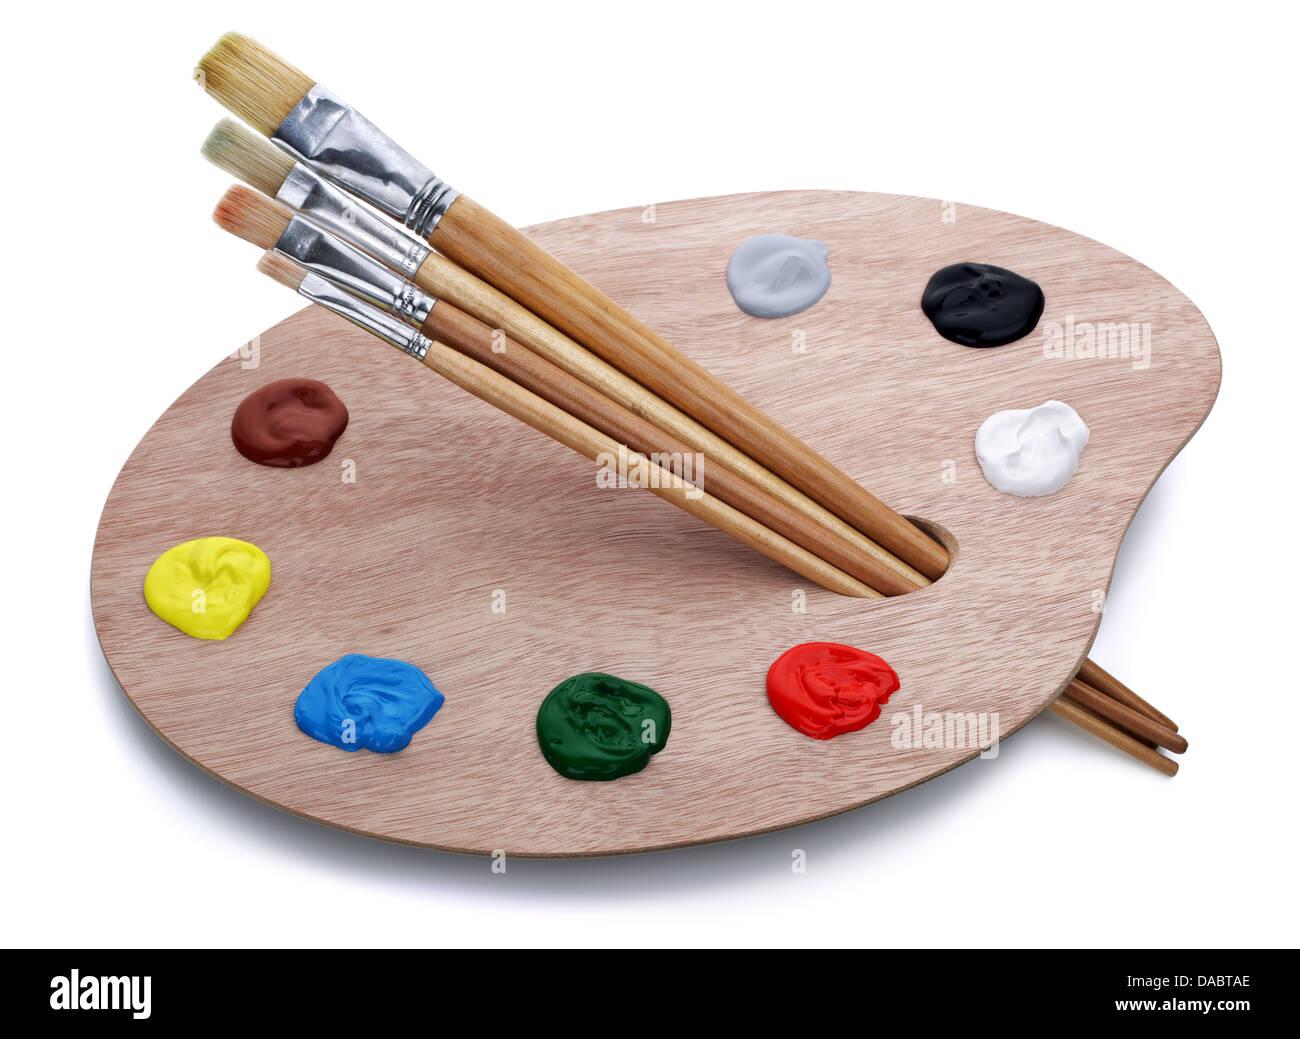 Artista della tavolozza con spazzole Immagini Stock